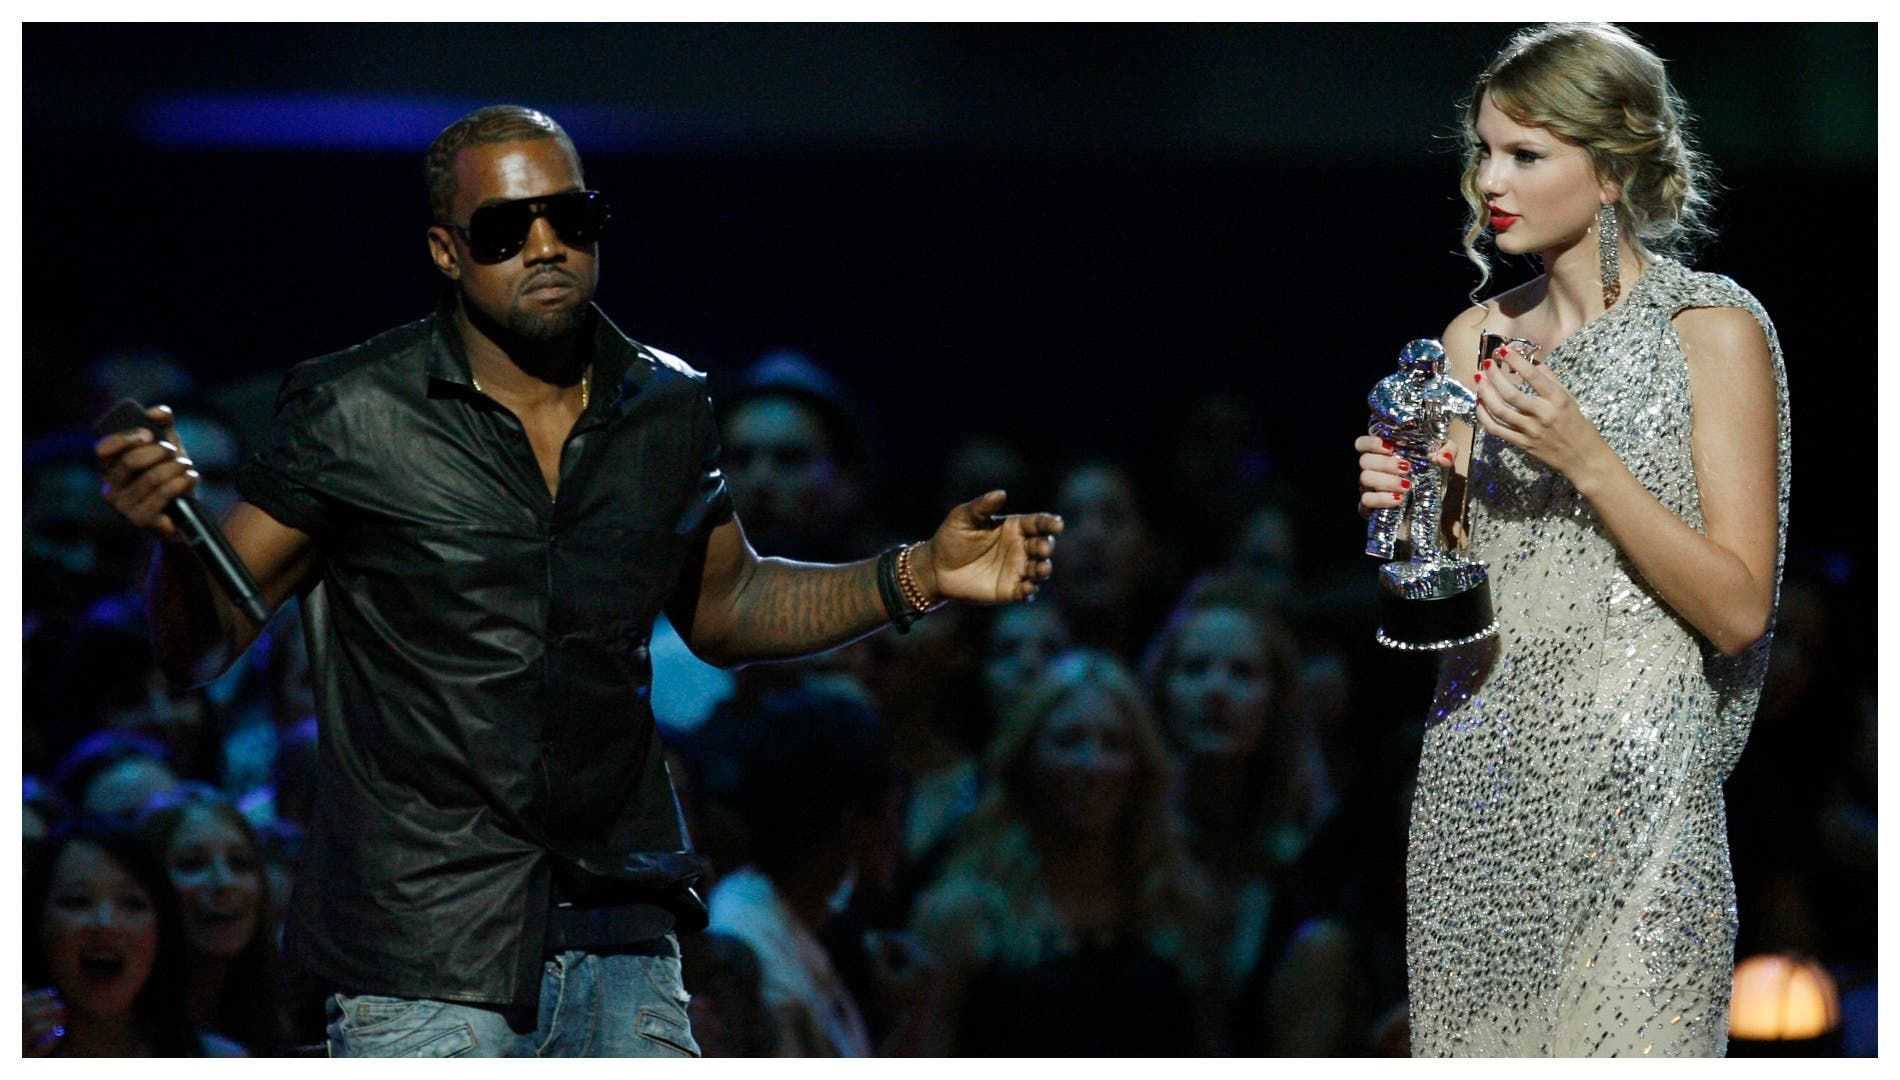 بعد مرور 11 عام على الحادثة كانيه ويست يعيد فتح دفاتر الماضي مع تايلور سويفت الله أمرني باقتحام المسرح Kanye West Video Kanye West Crazy Kanye